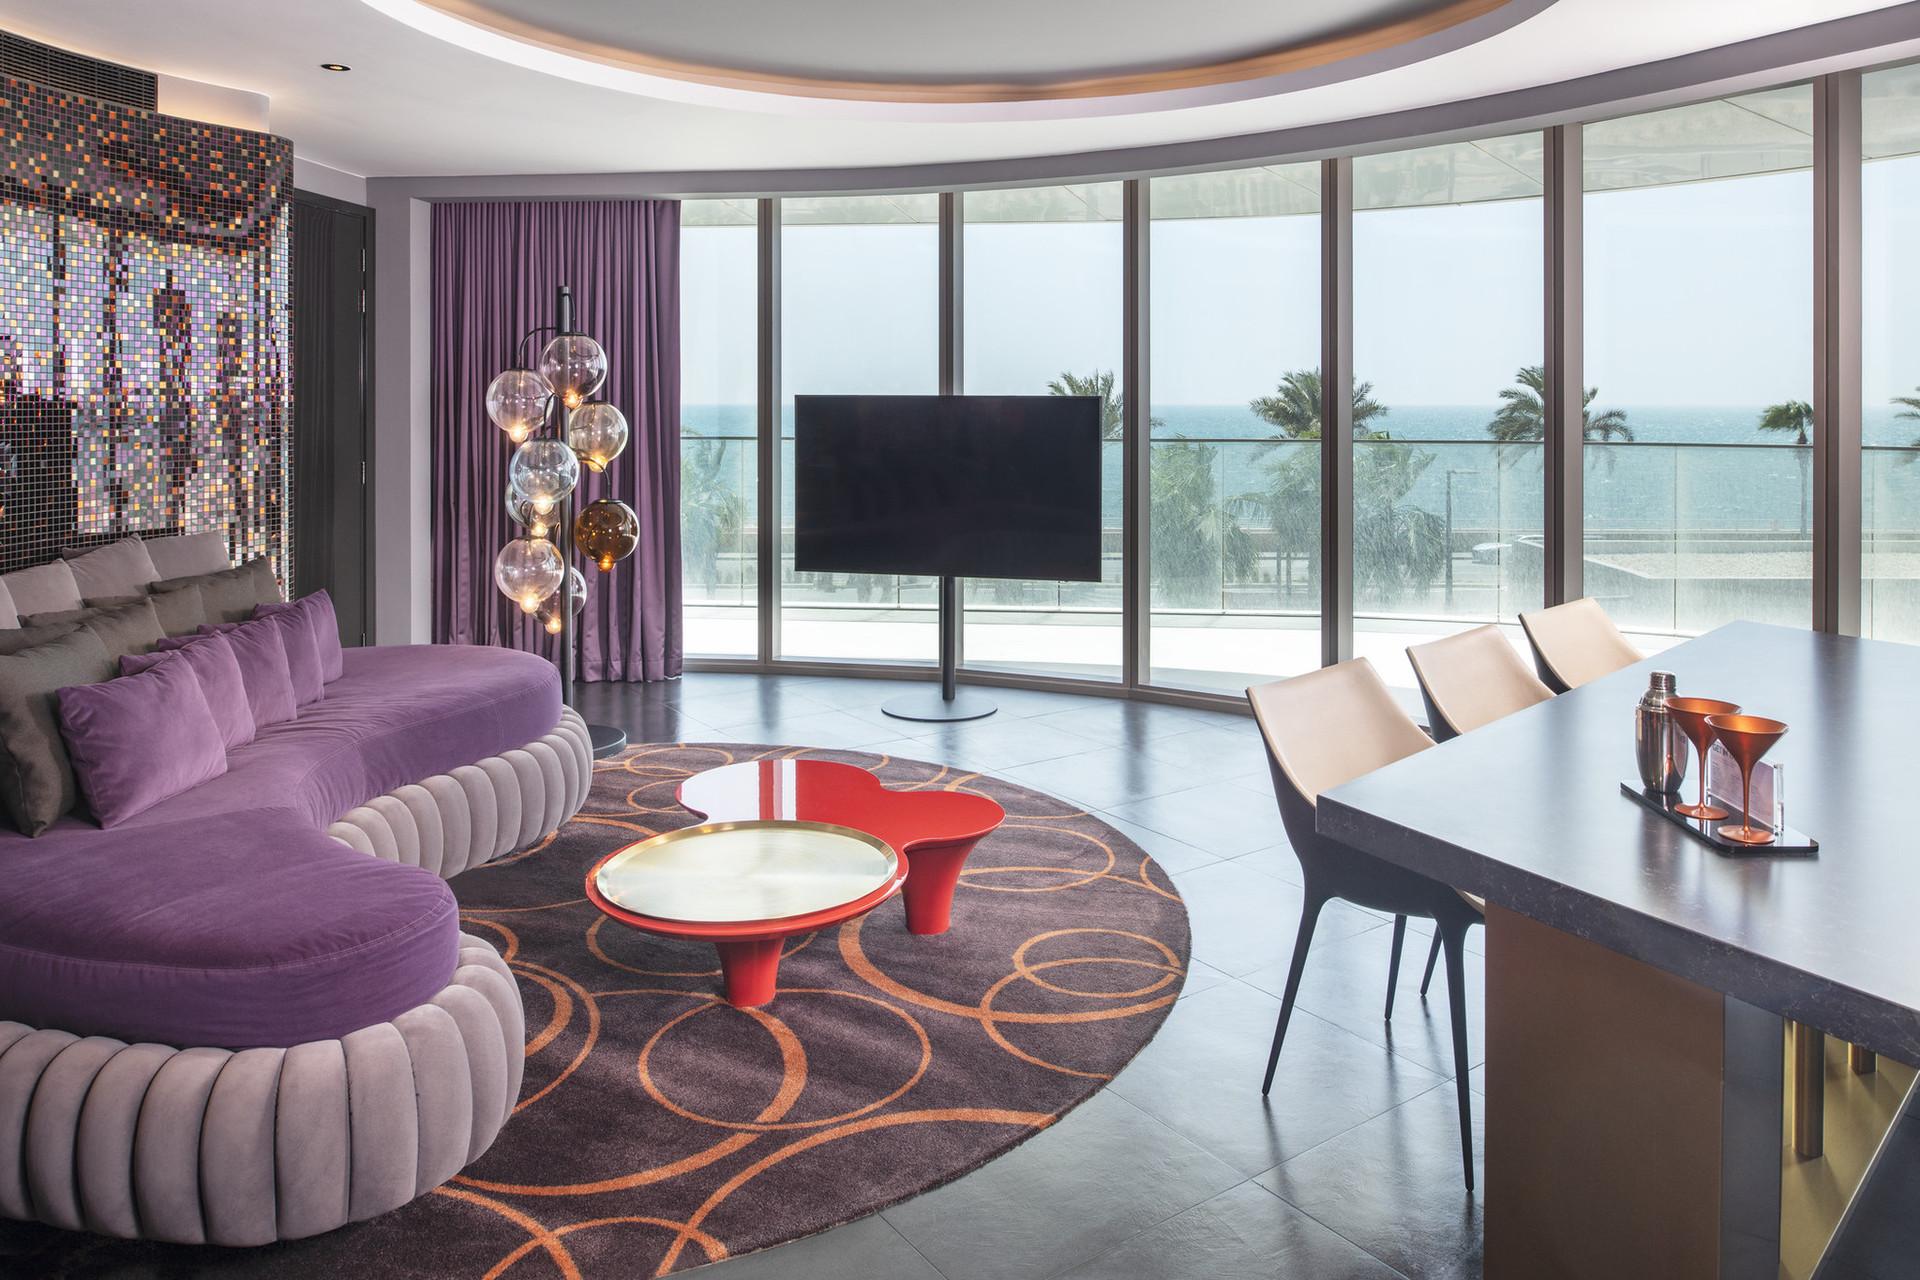 Люкс E-WOW - найбільший люкс в Дубаї, розташований на двох поверхах, з приватним басейном на даху і незабутньою 360 ° панорамою.